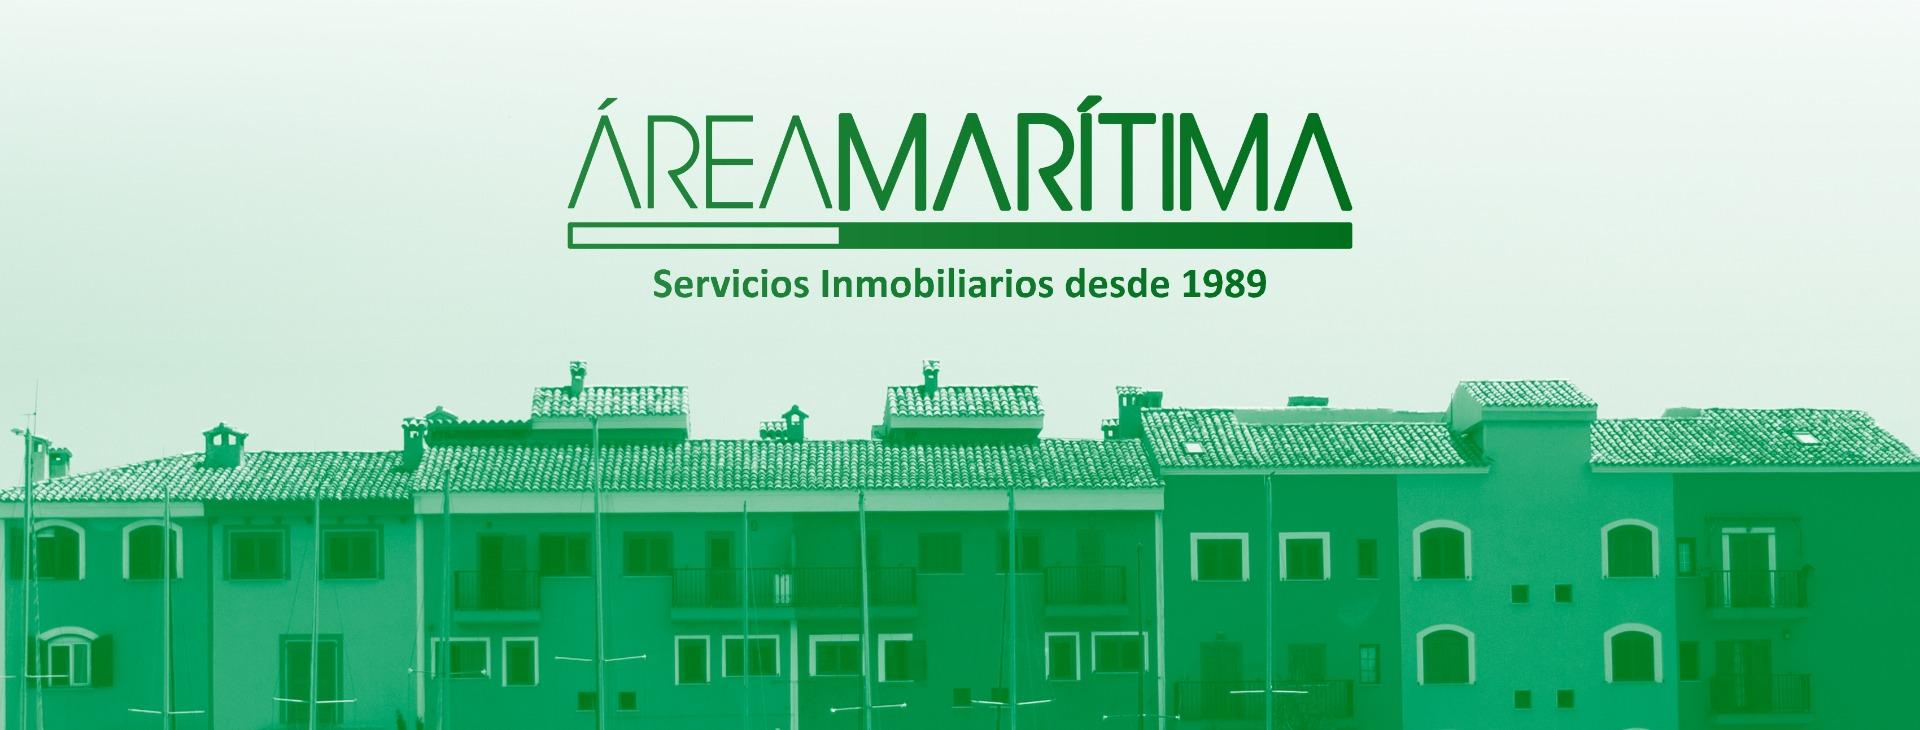 Área Marítima Inmobiliaria Desde 1989